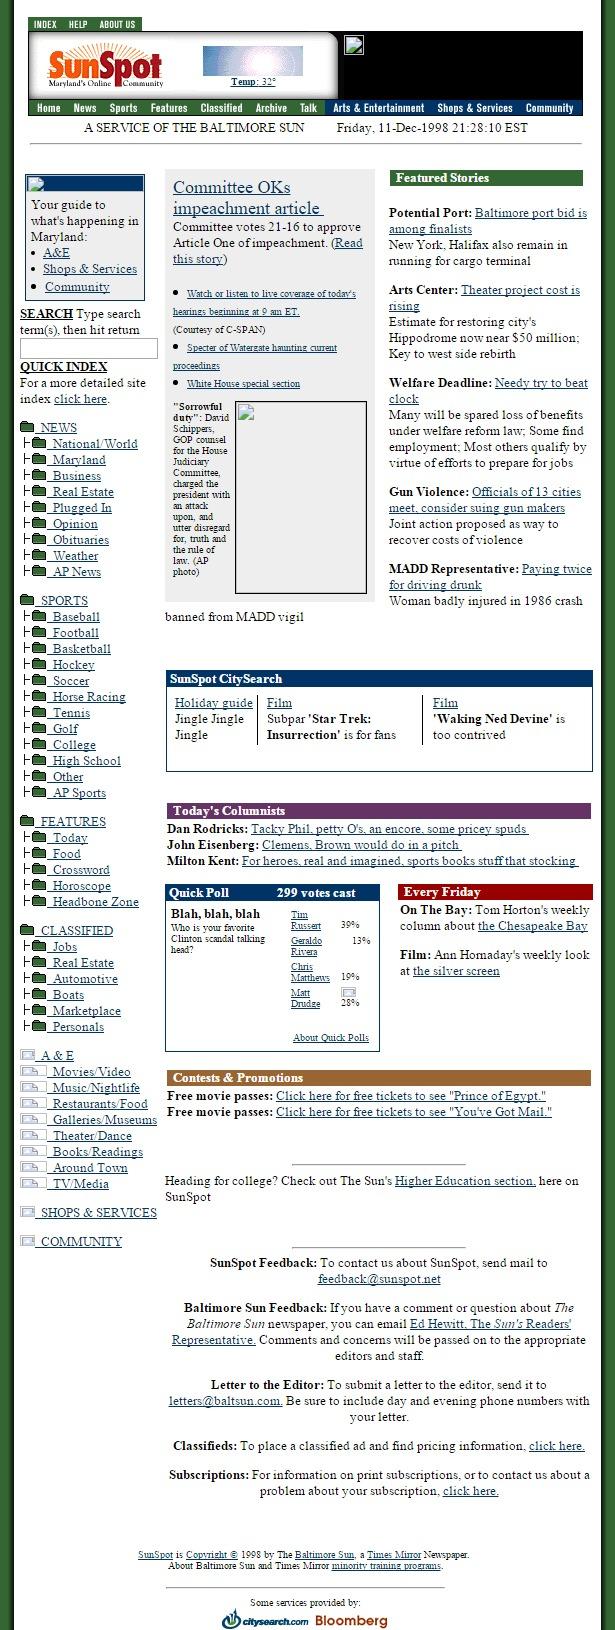 baltimoresun.com 1998